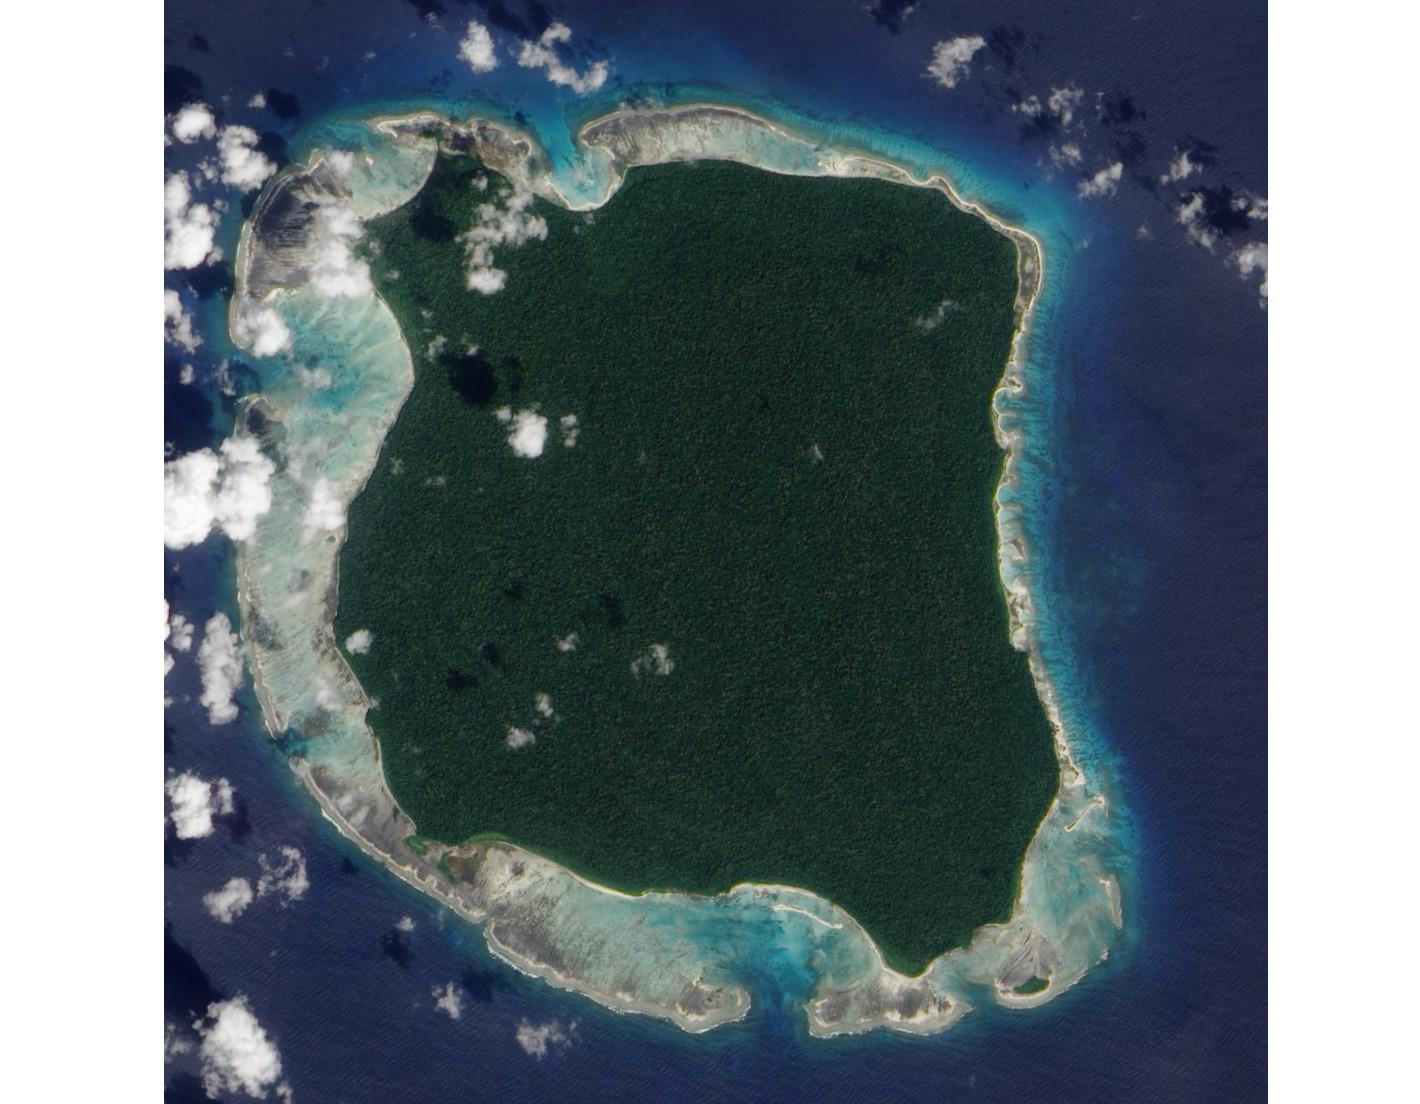 北 センチネル 島 なん j 【現在もヤバイ!】危険な北センチネル島の全てを紹介